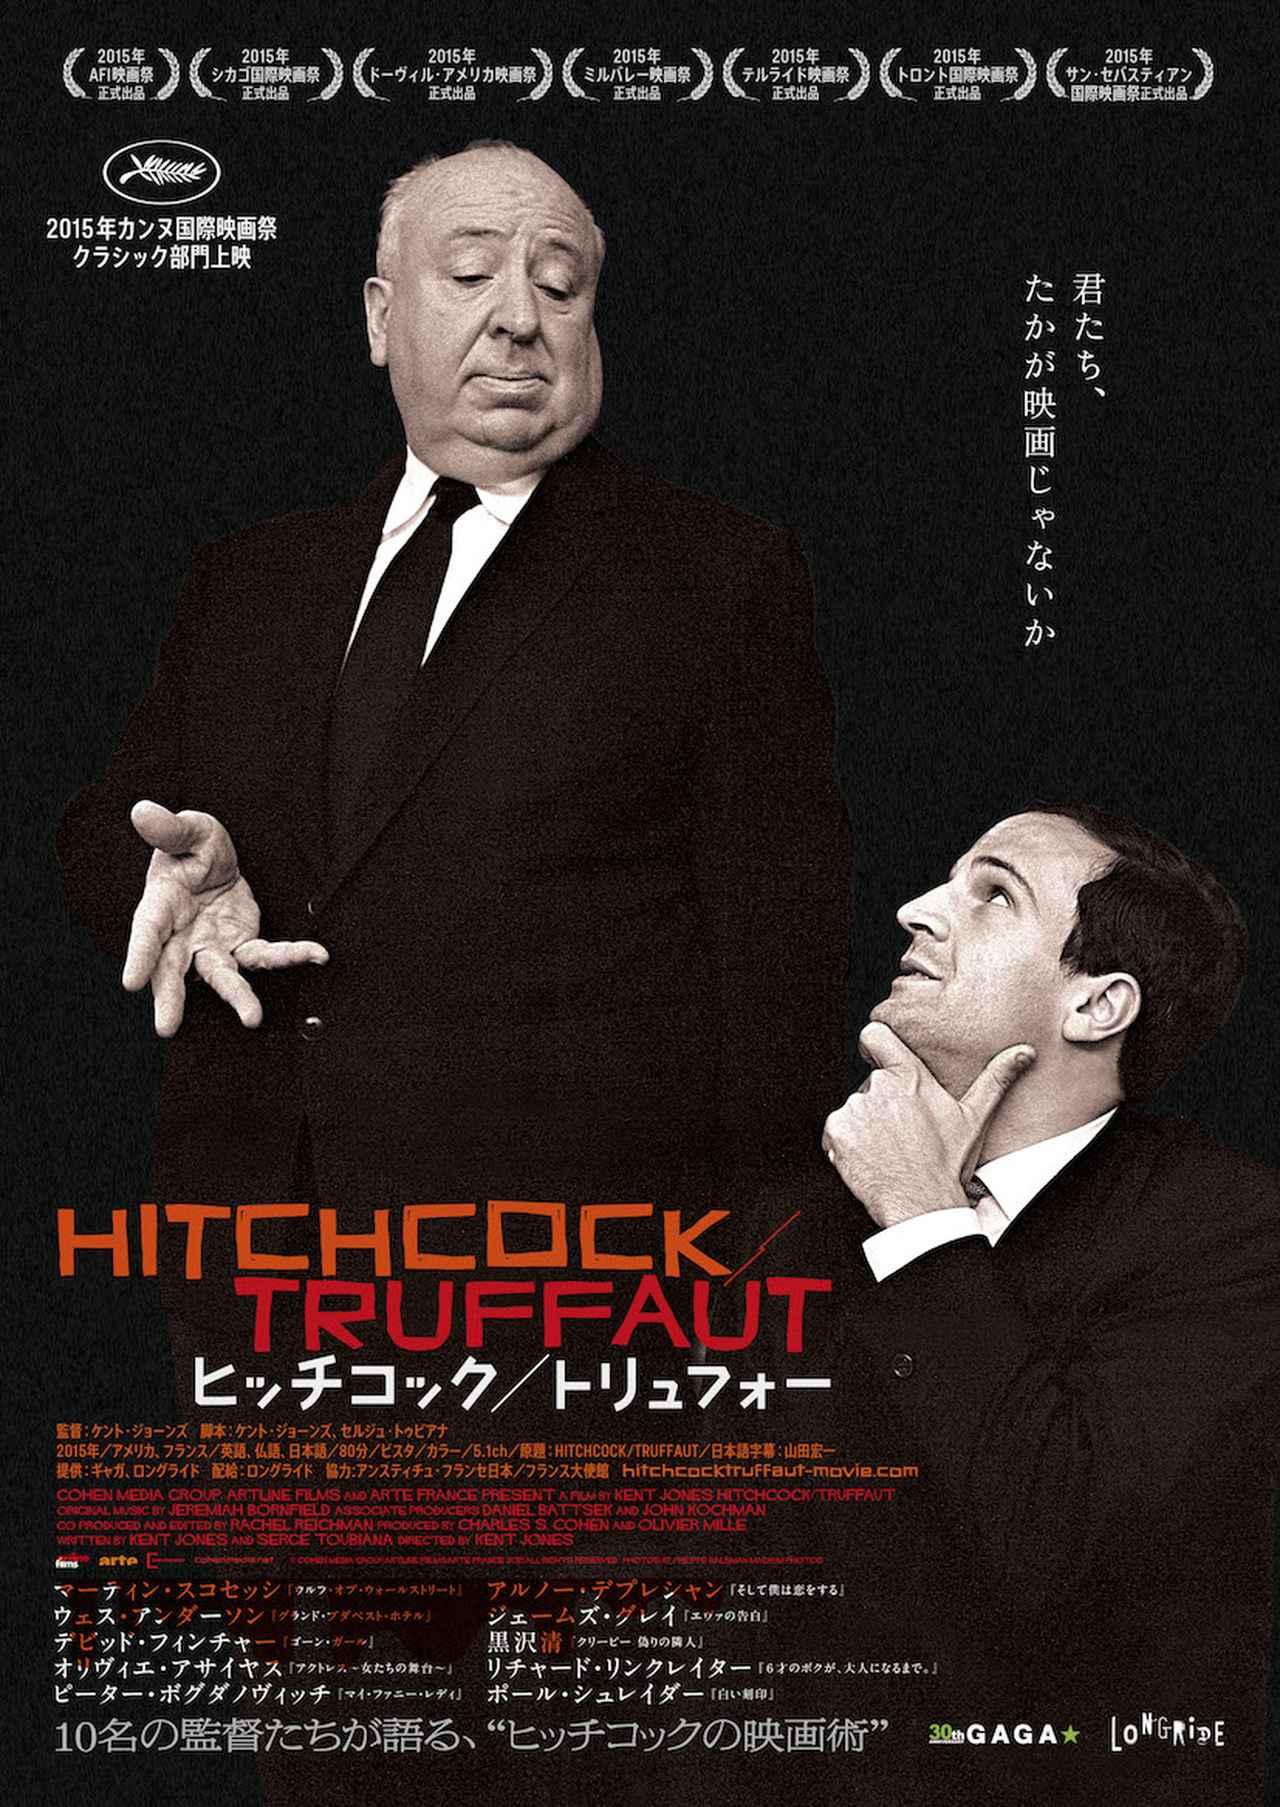 画像1: 『ヒッチコック/トリュフォー』日本予告!出演するはマーティン・スコセッシ、黒沢清、ウェス・アンダーソンなど世界の映画人10人--